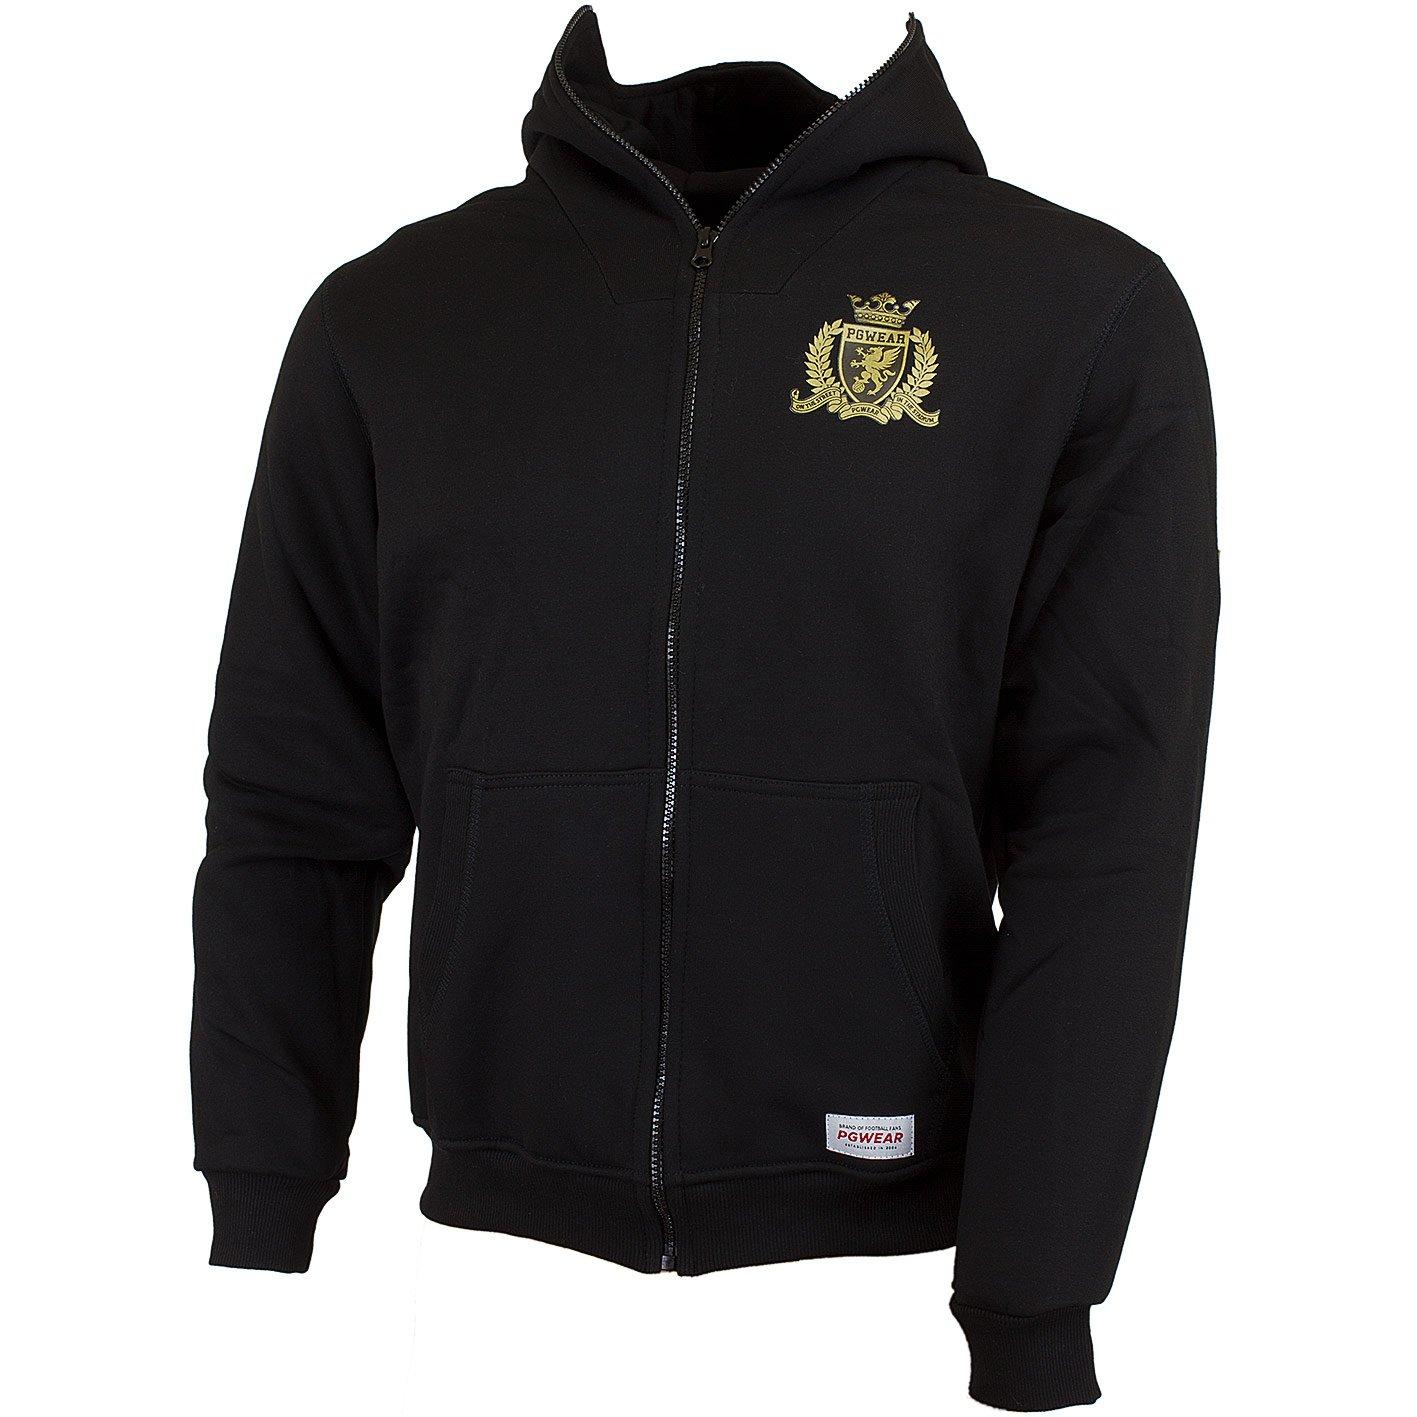 PG Wear Ninja Crown Zip Hoody